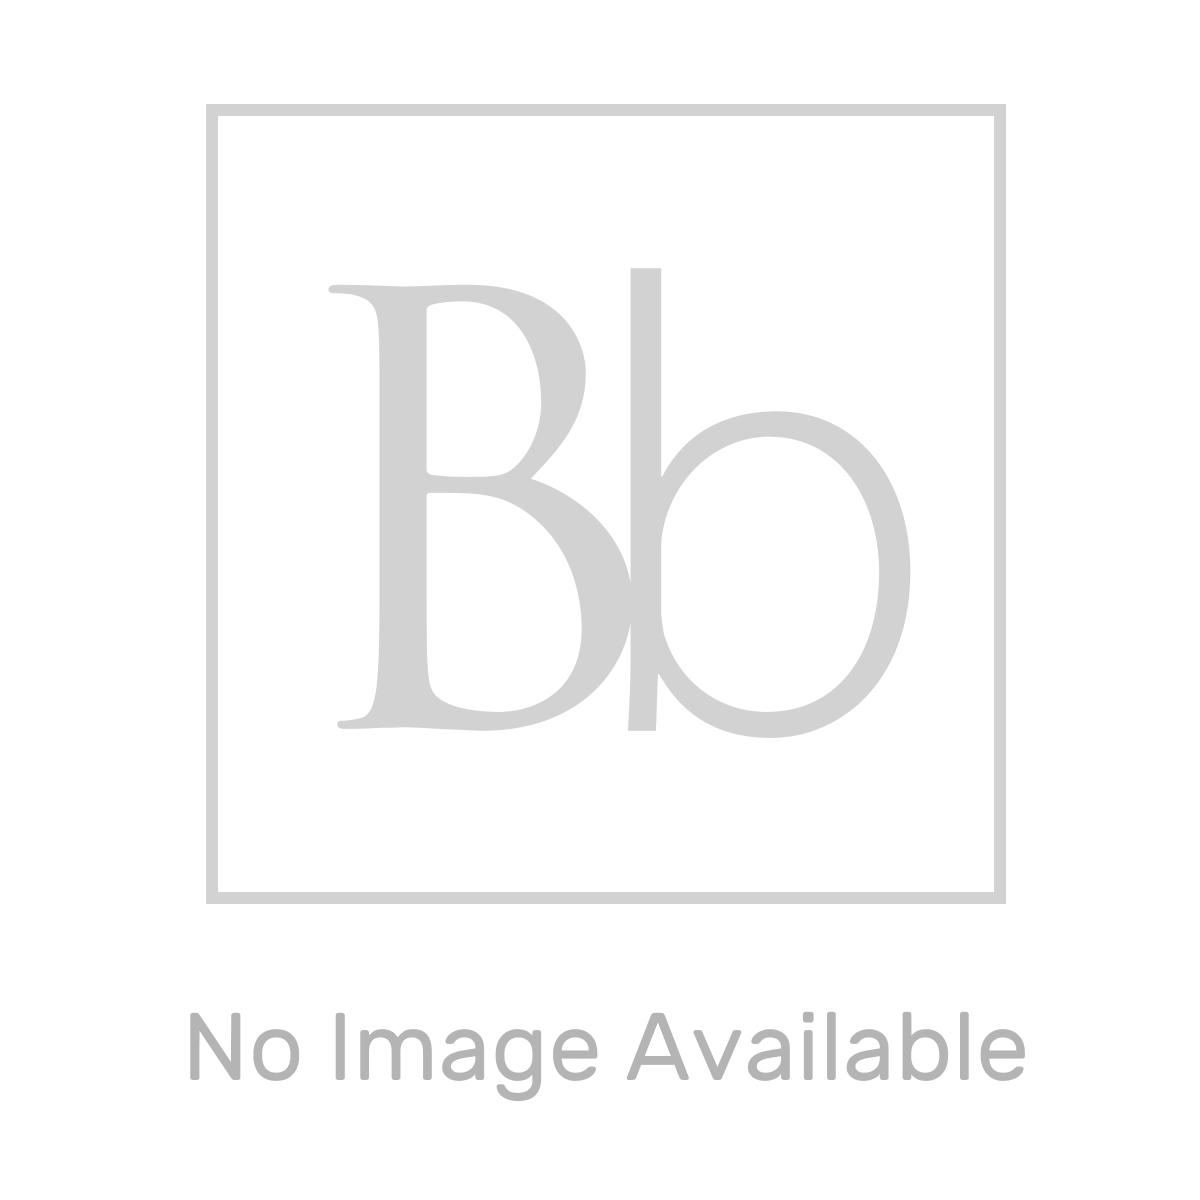 Croydex Euro Soap Dispenser Uno in Chrome